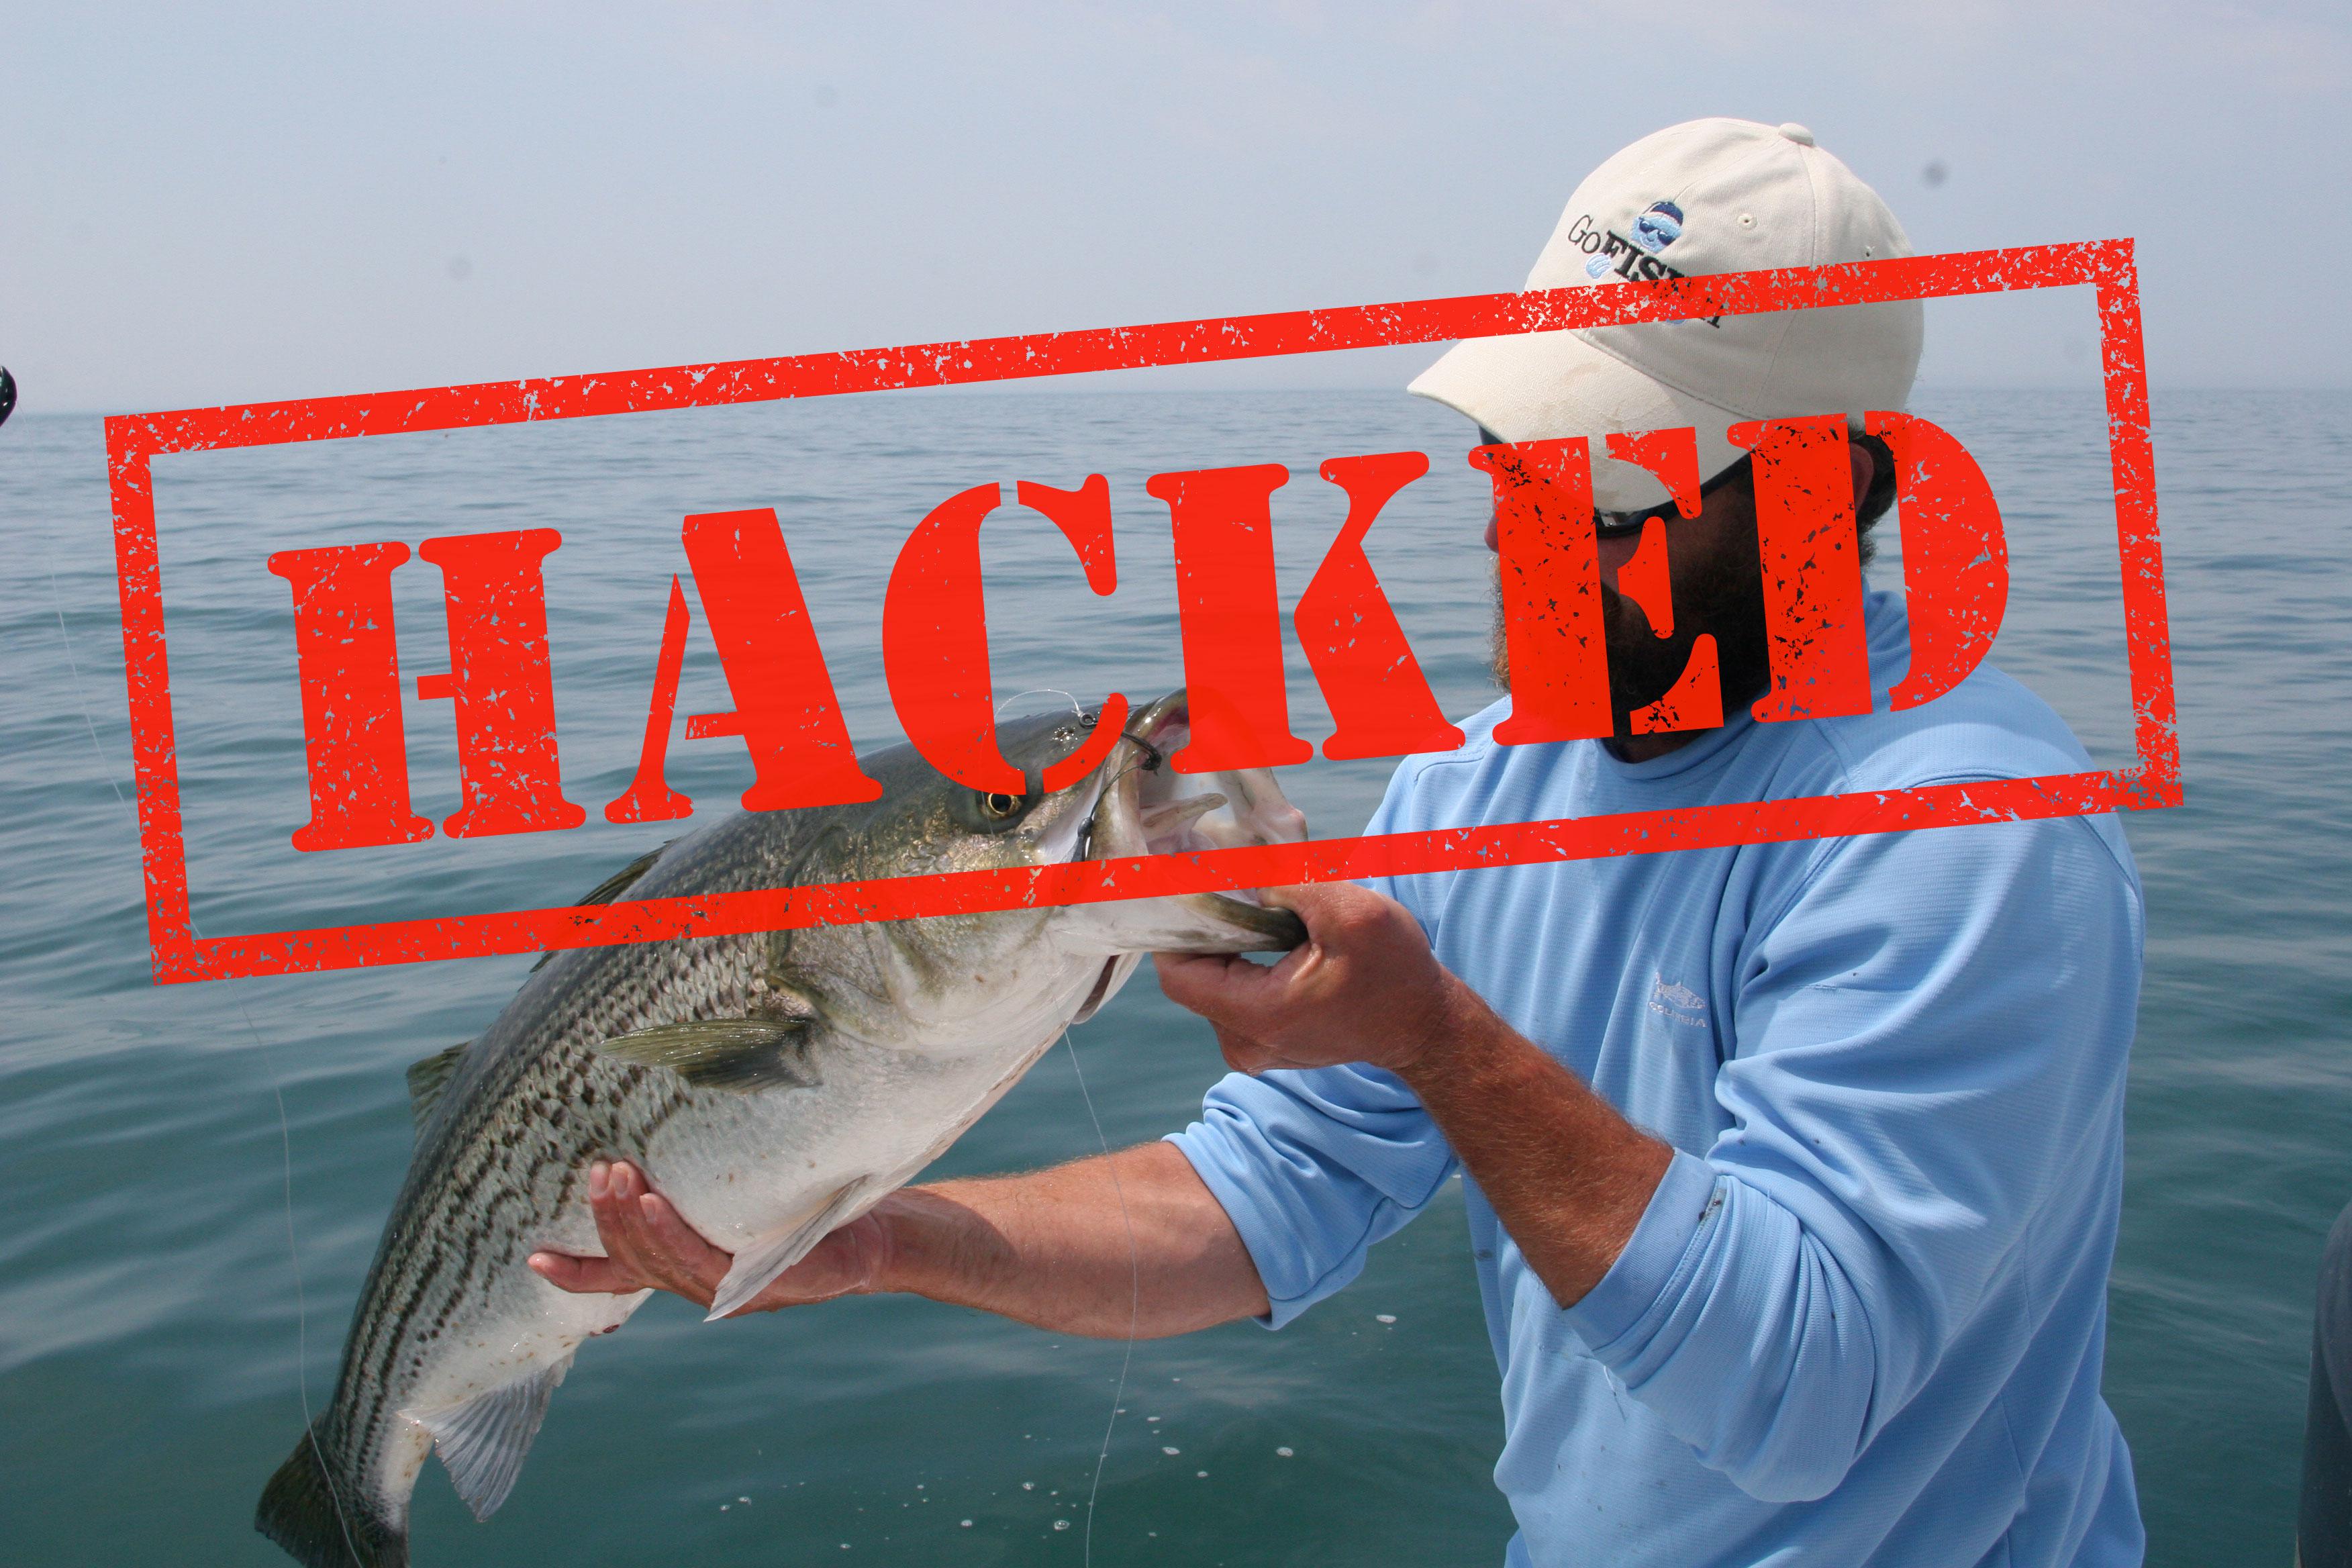 Eric Stapelfeld, the fishing guide